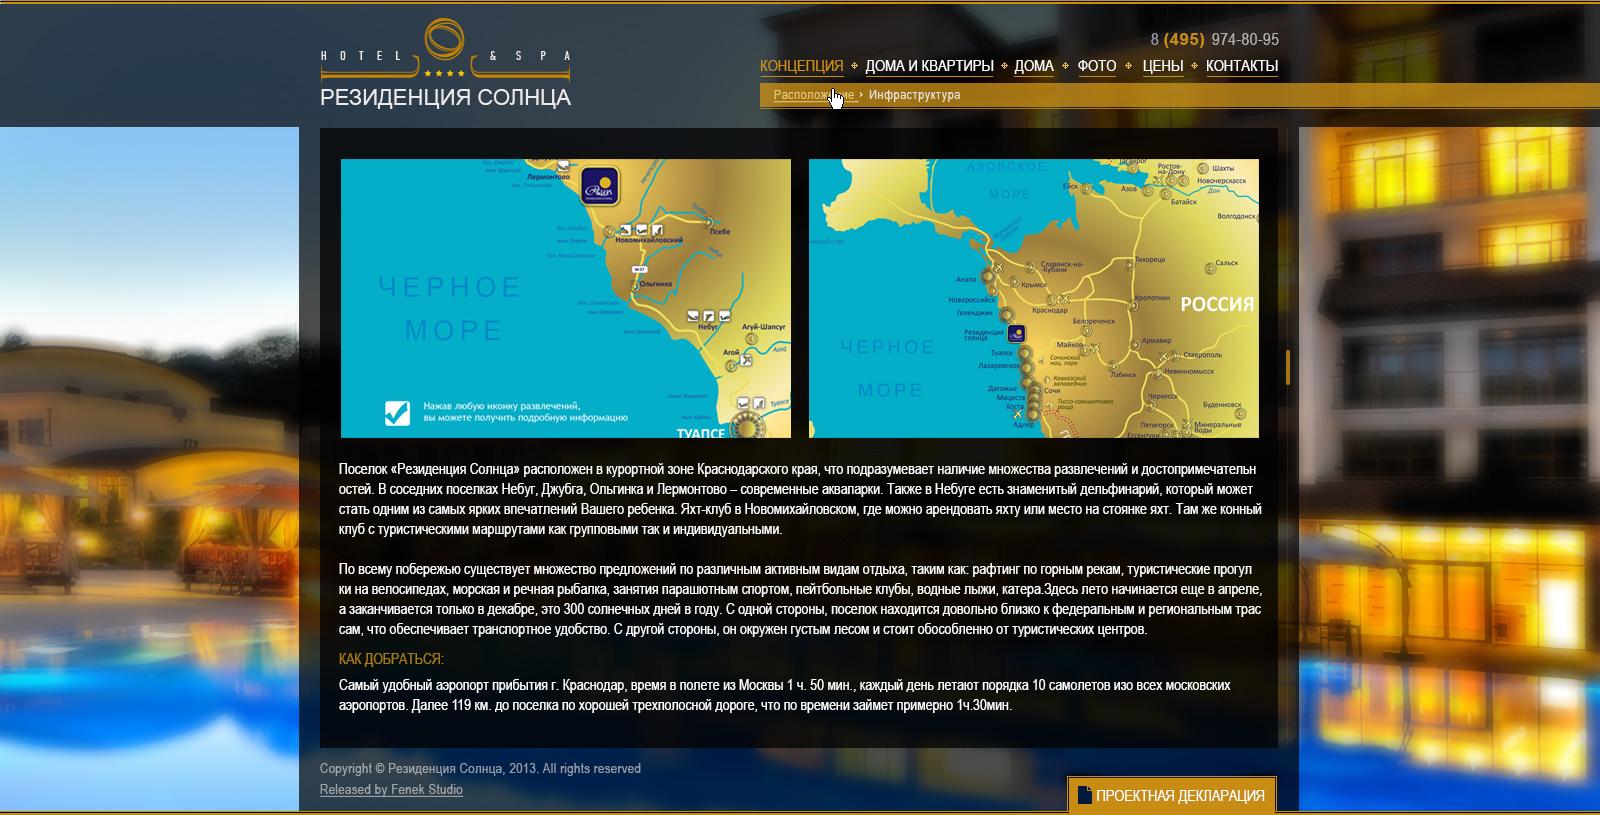 Разработка дизайна Главной страницы и всех внутренних для сайта отеля Резиденция солнца-страница Расположение